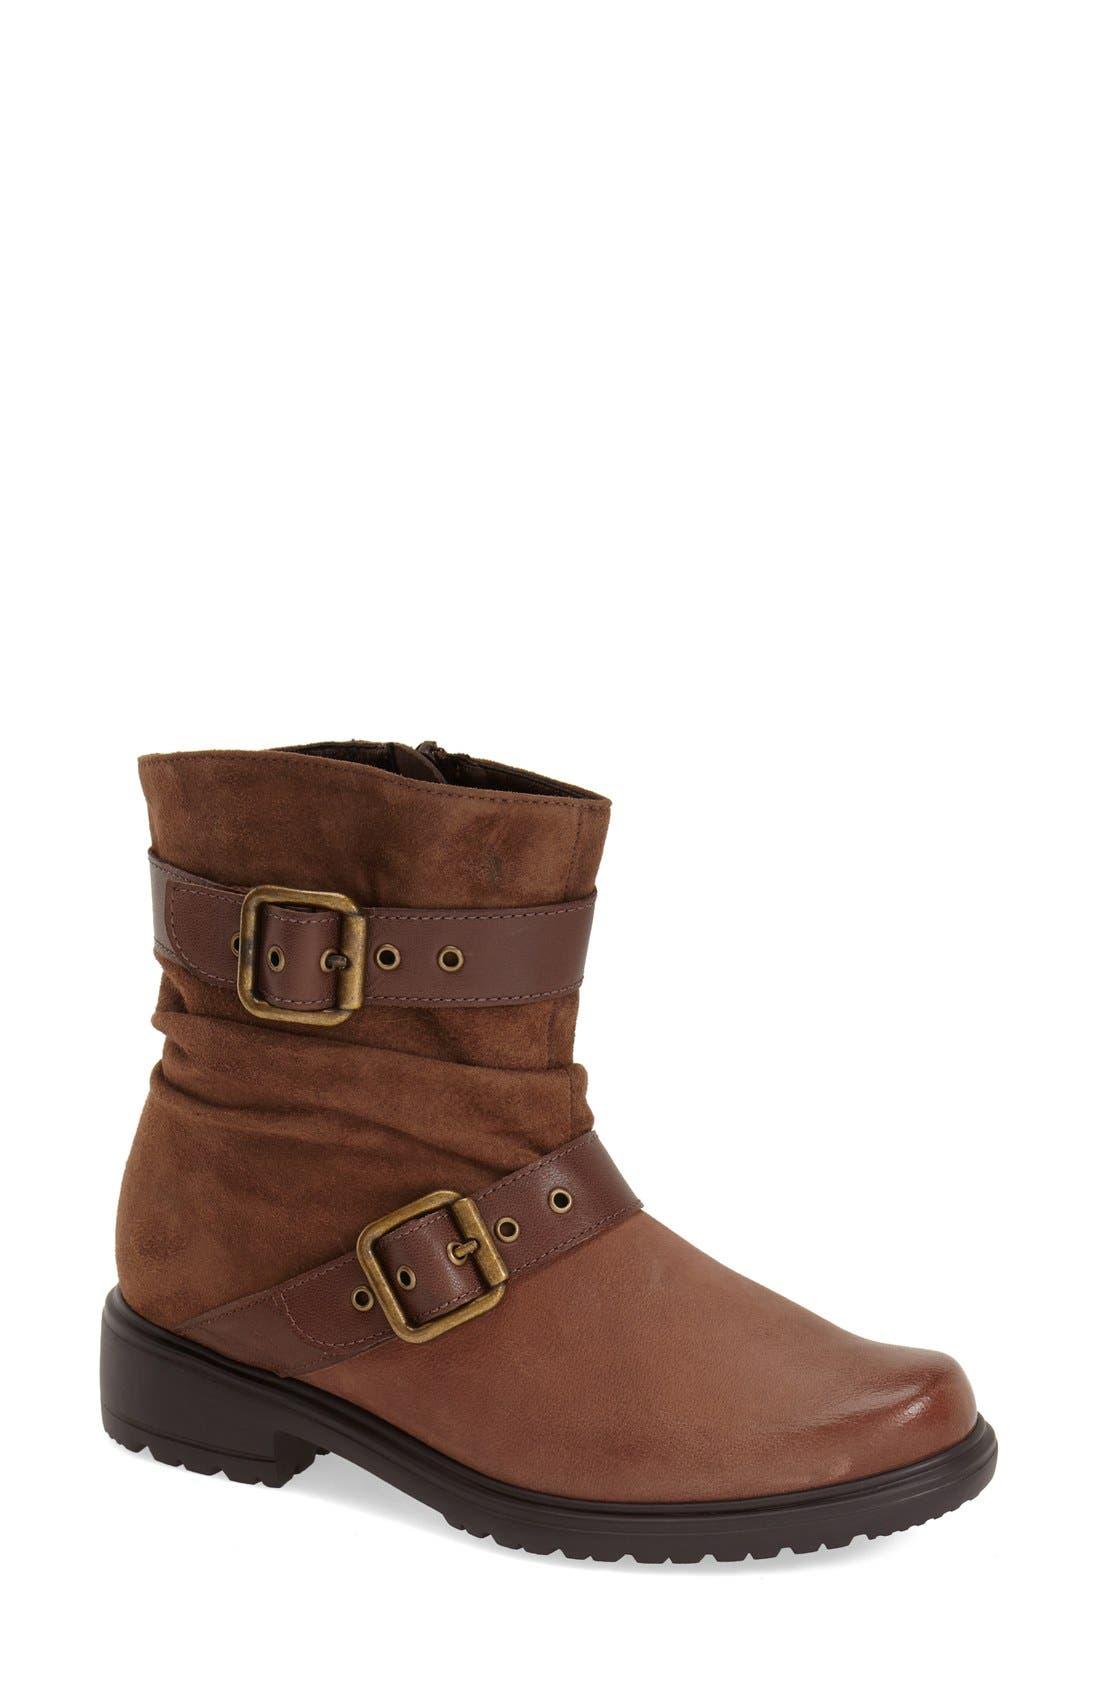 Munro Dallas Boot